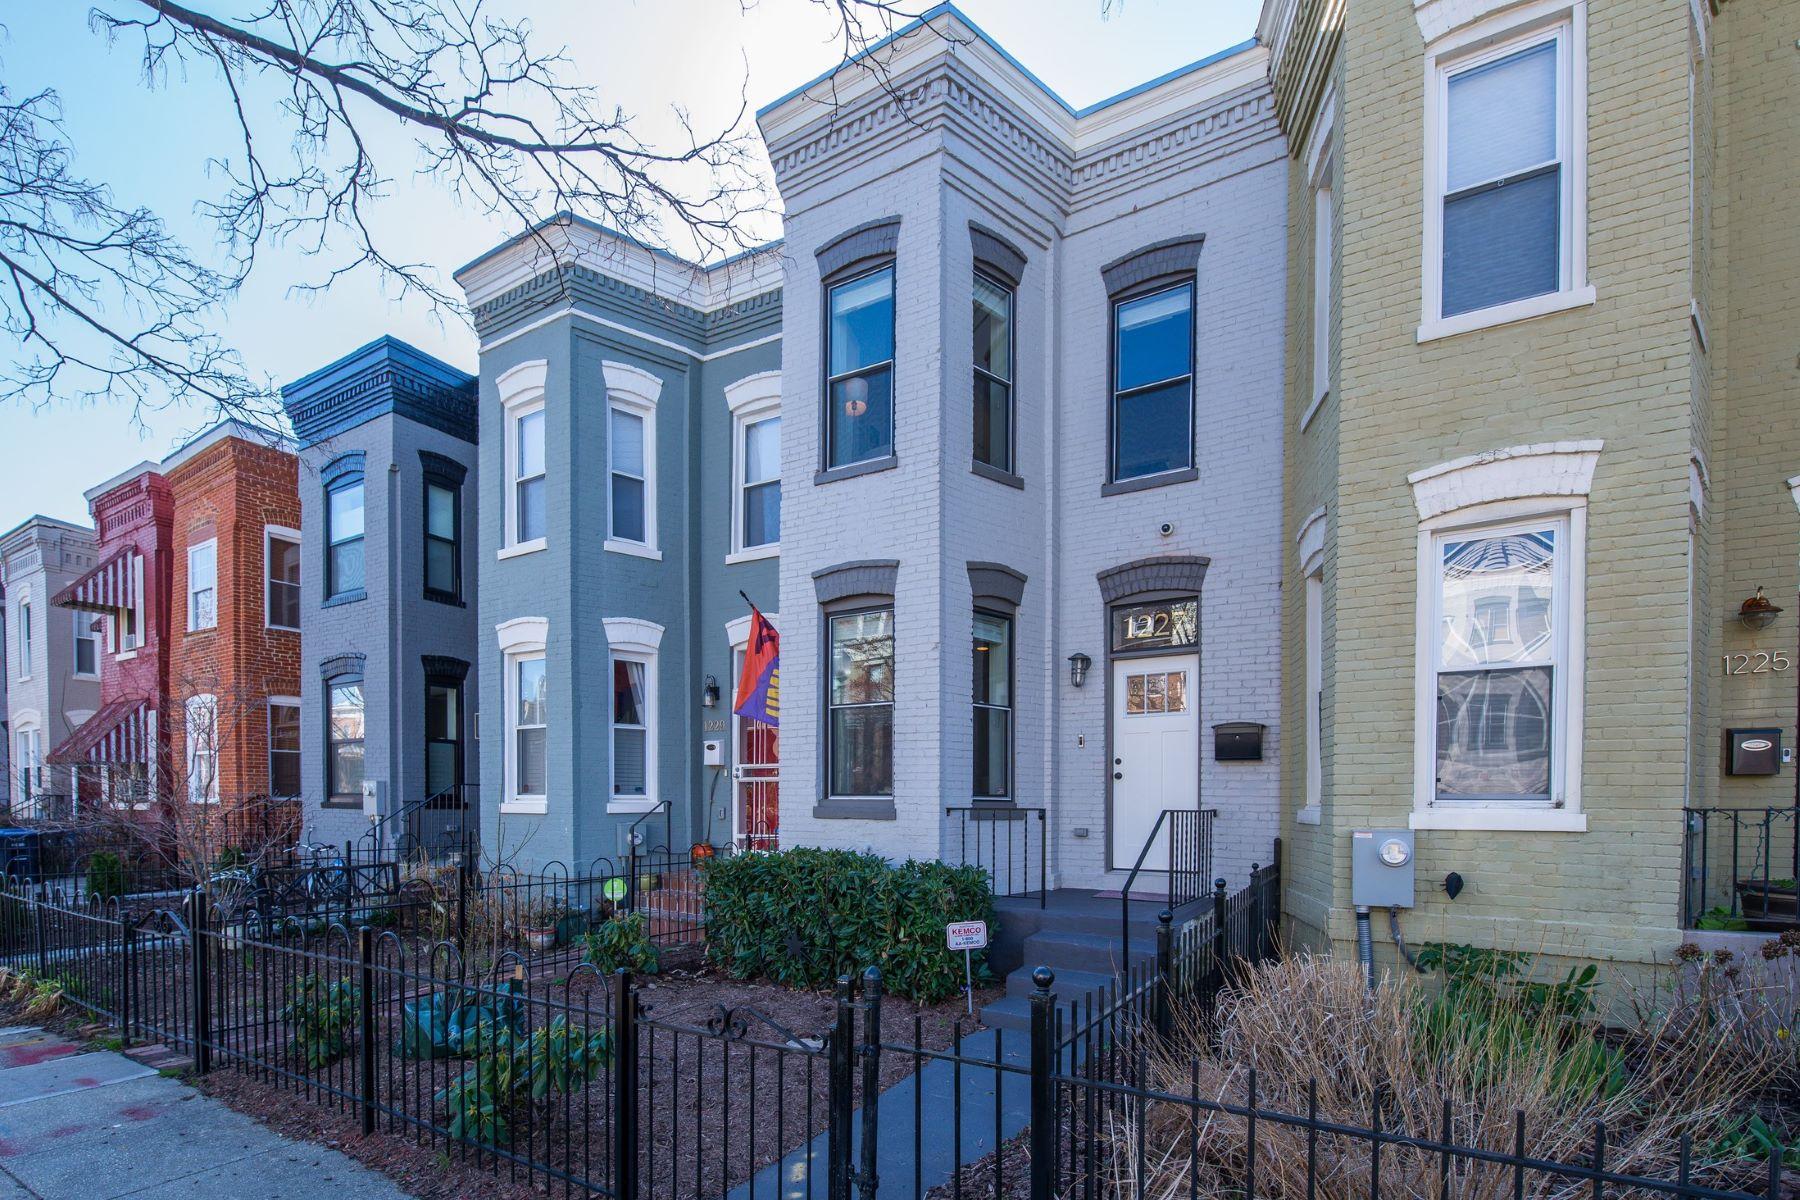 Частный односемейный дом для того Продажа на Renovated and Stunning 3 BR/2.5 BA Near H Street 1227 I Street NE, Washington, Округ Колумбия, 20002 Соединенные Штаты